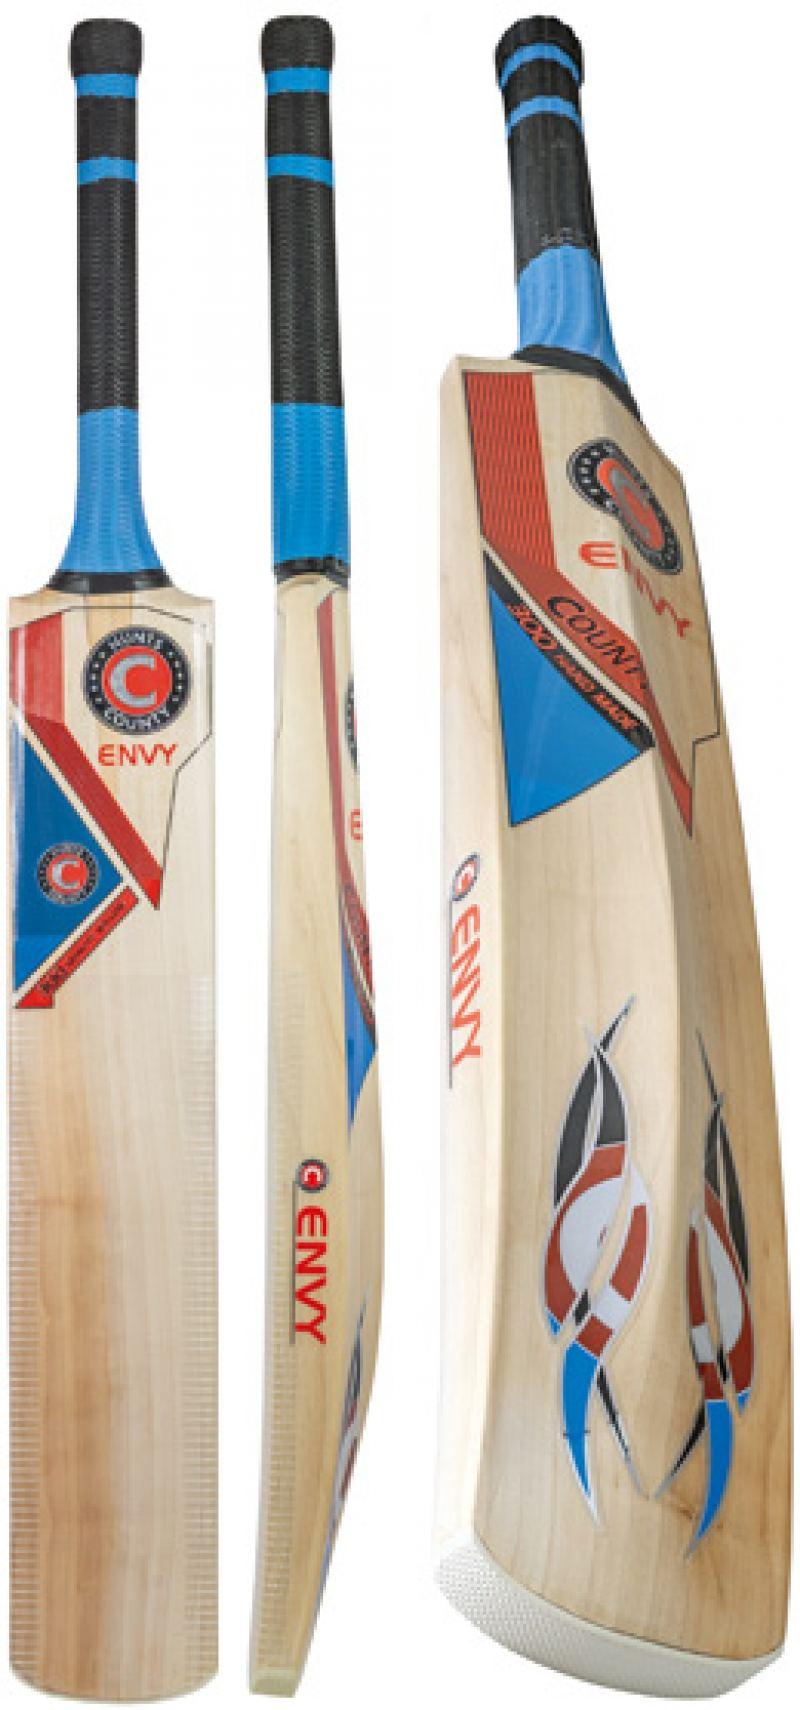 Hunts County Envy 300 Cricket Bat